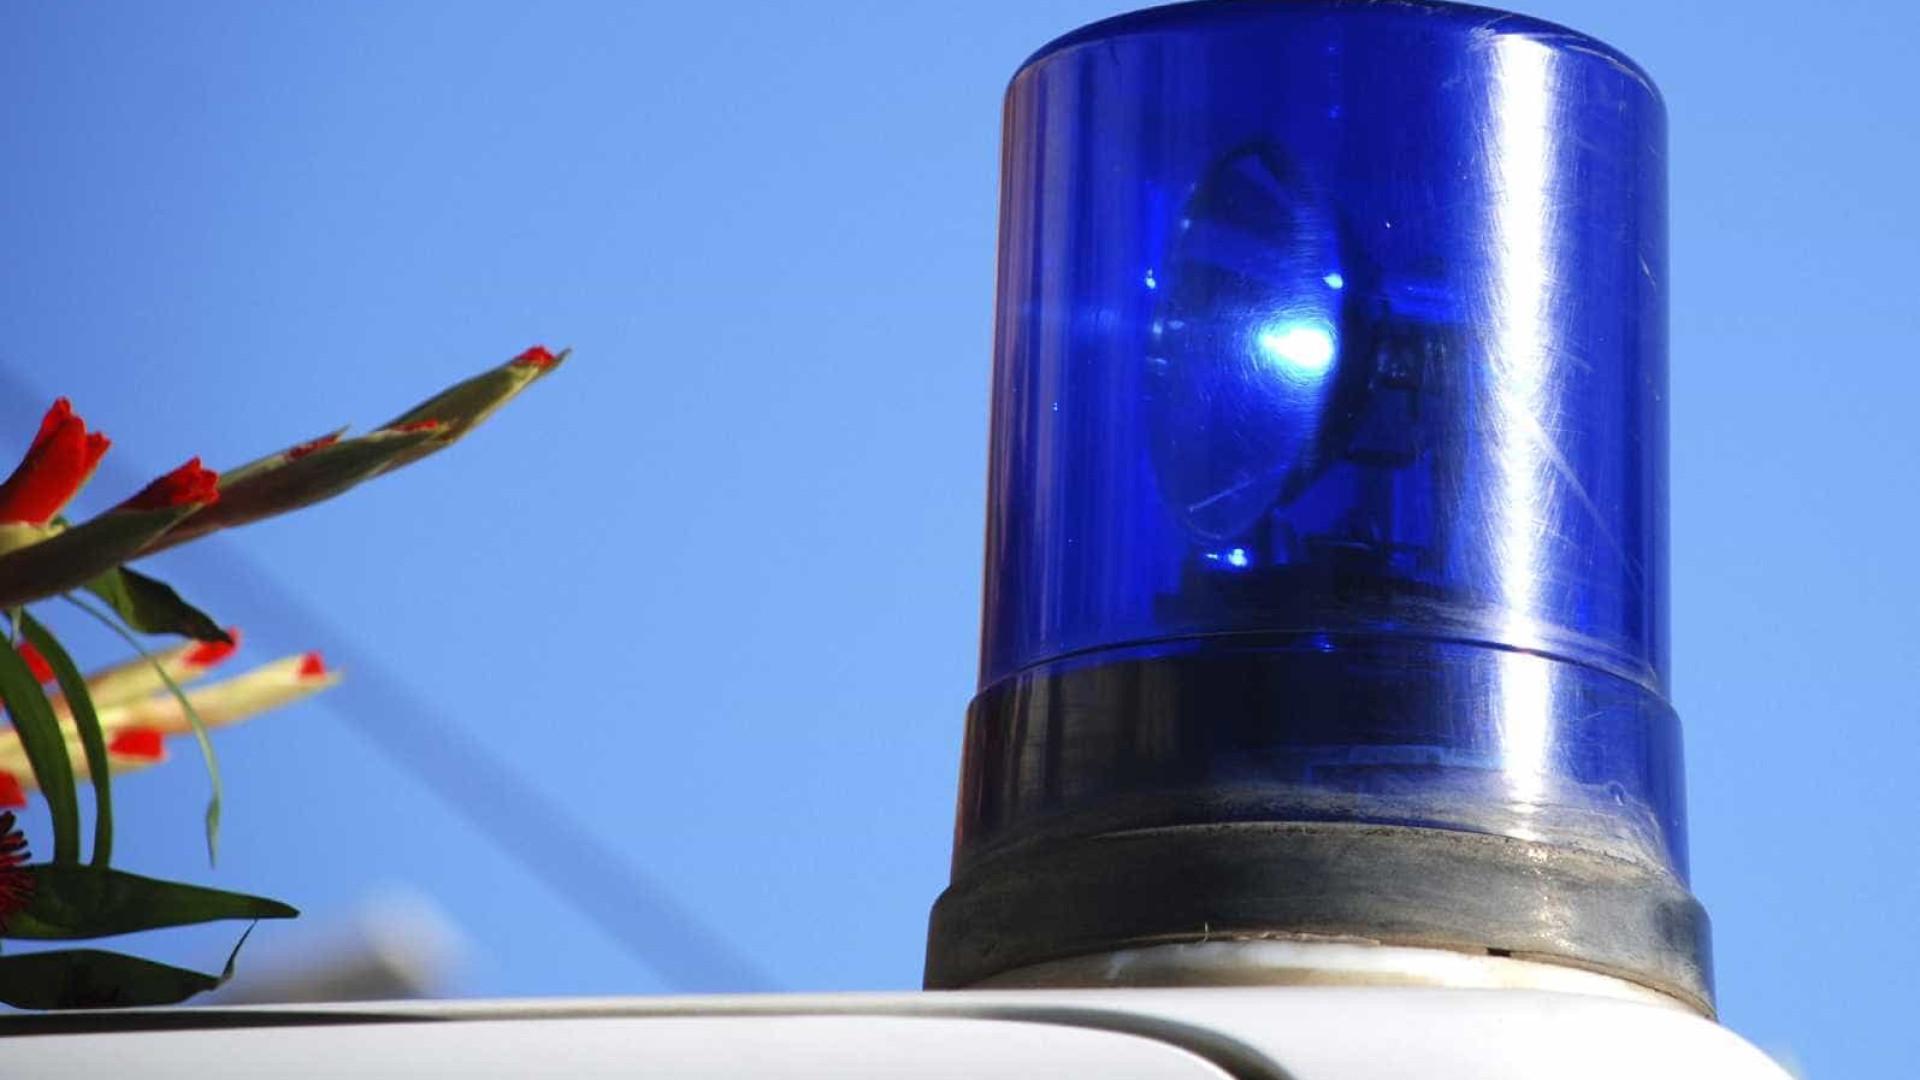 Ponta Delgada: Derrocada de habitação faz dois feridos ligeiros